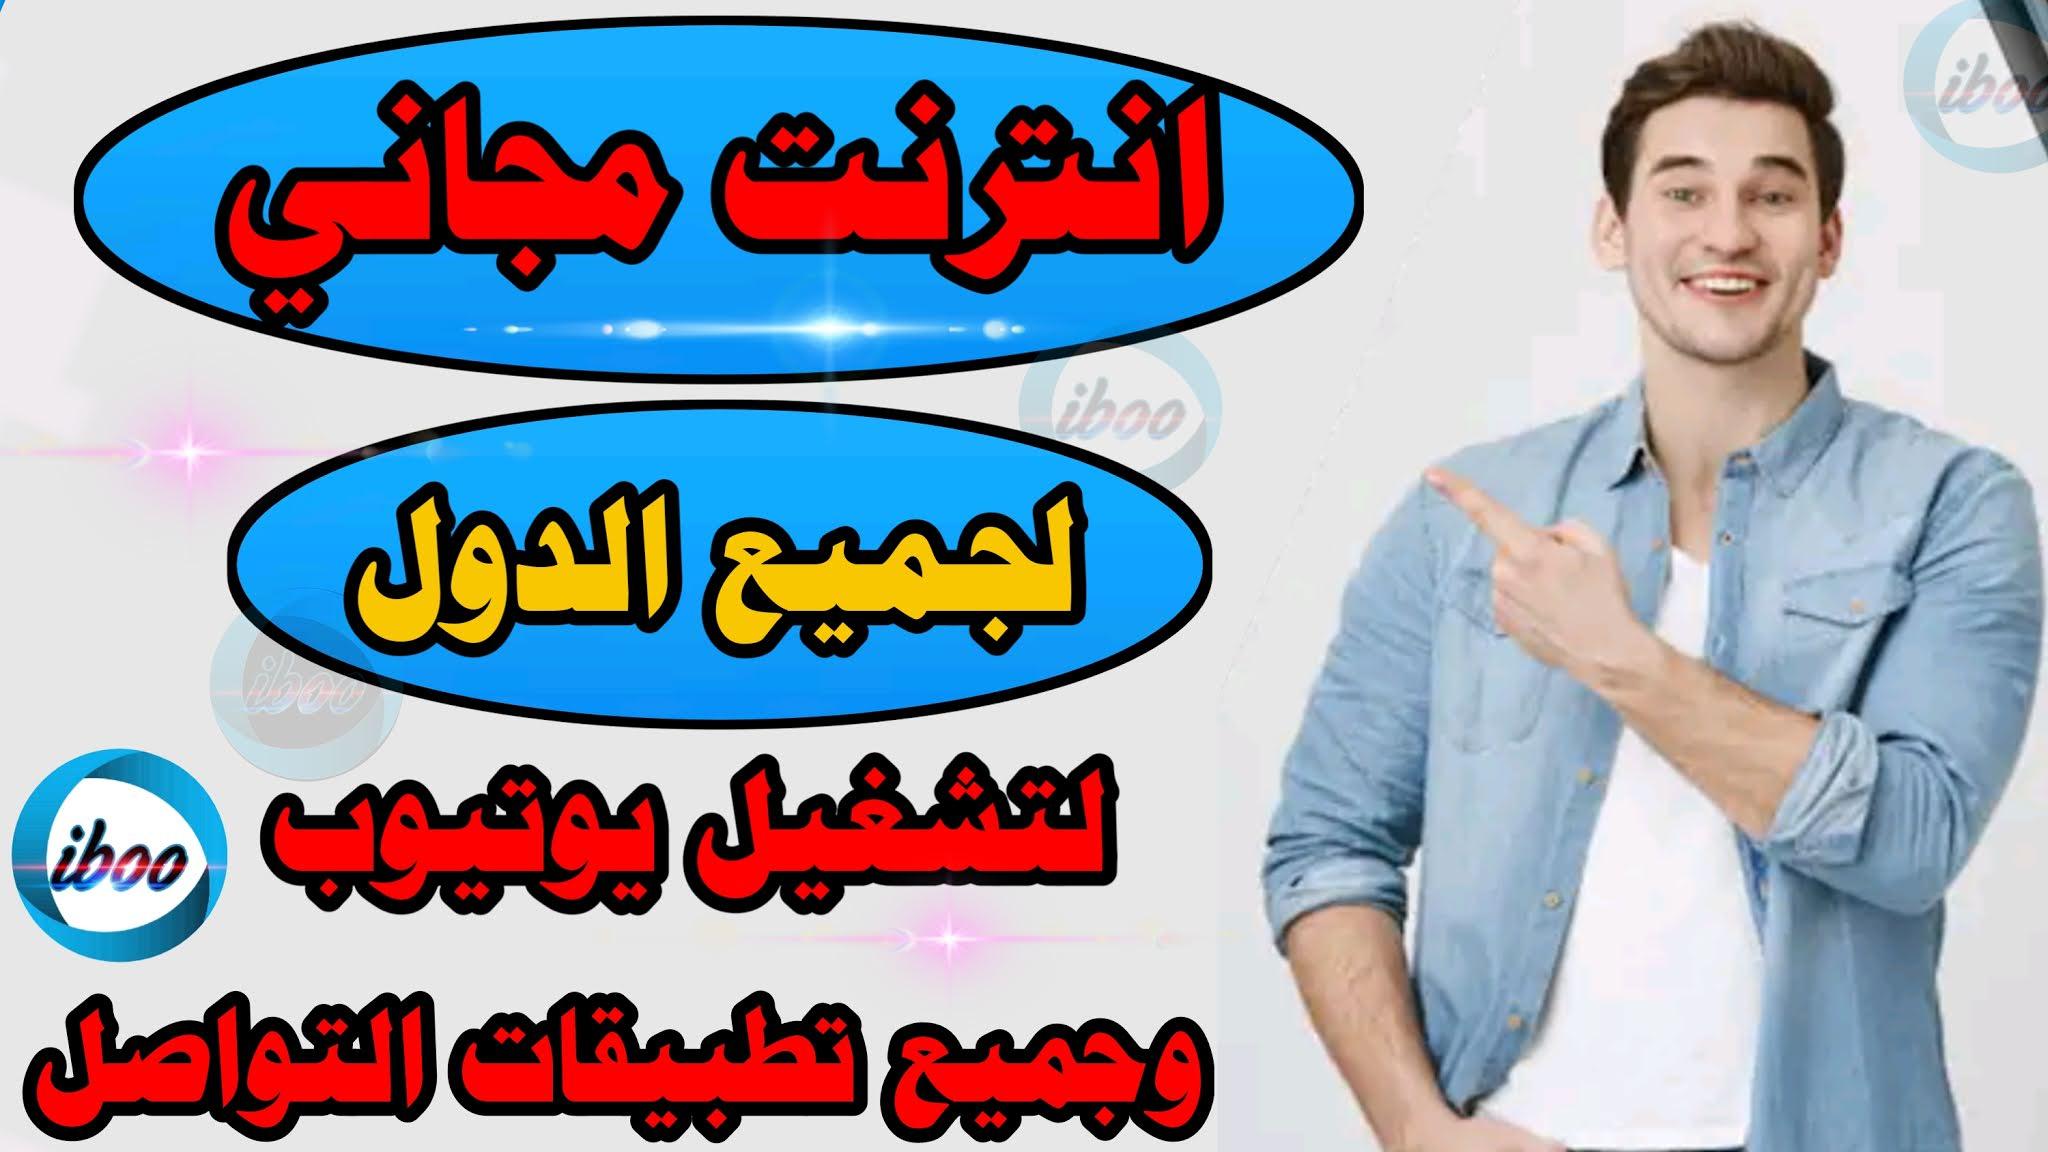 انترنت مجاني لجميع الدول العربي وبسرعة رهيبة لتشغيل جميع تطبيقات التواصل